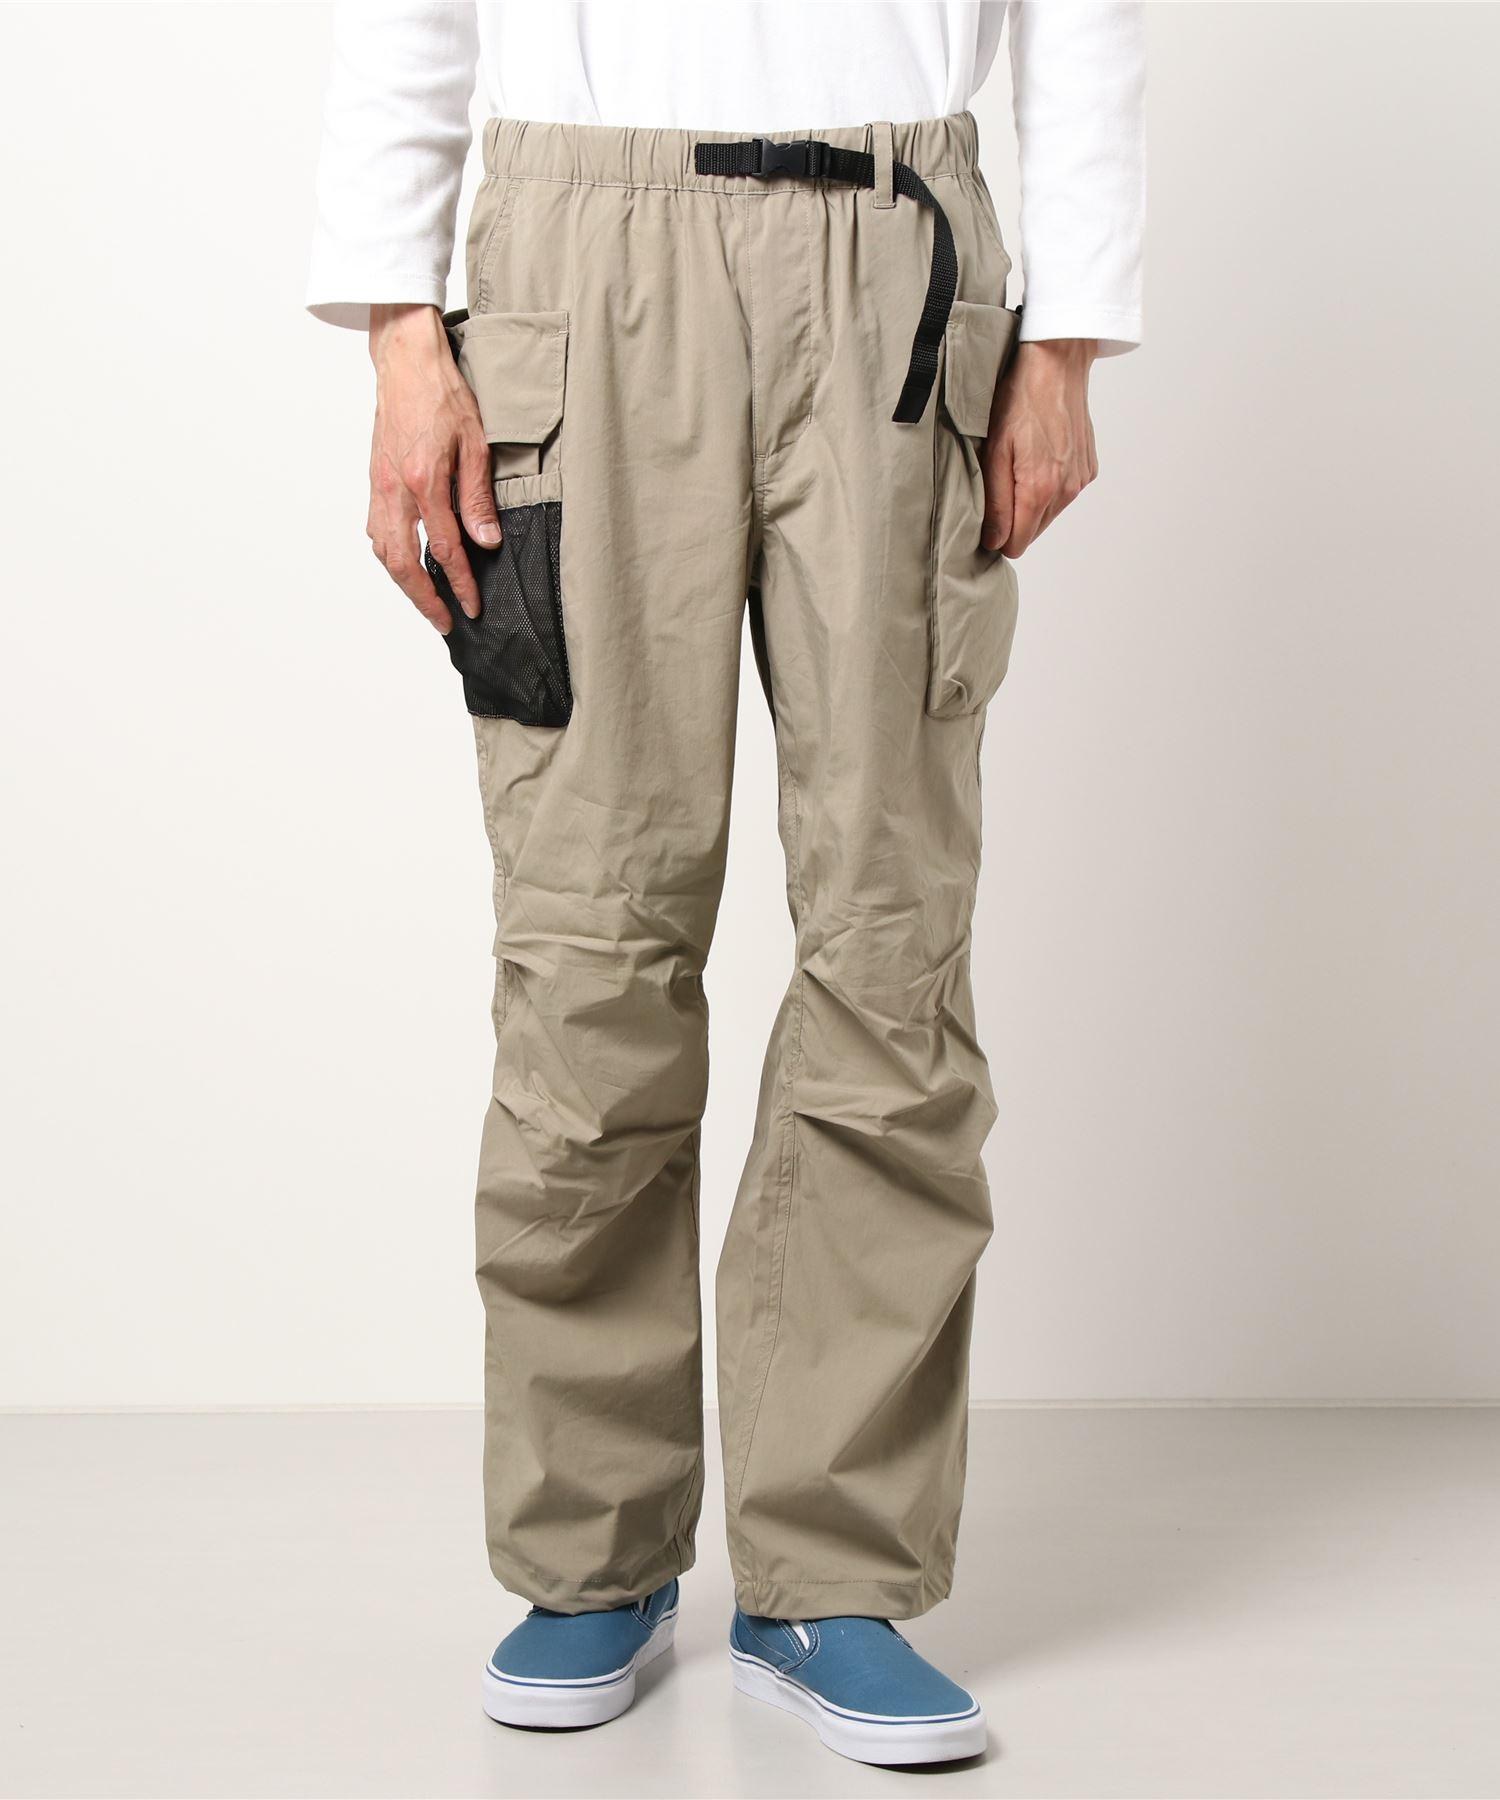 「着るBAG」シリーズ  7ポケットカーゴパンツ 撥水/ストレッチ機能付き